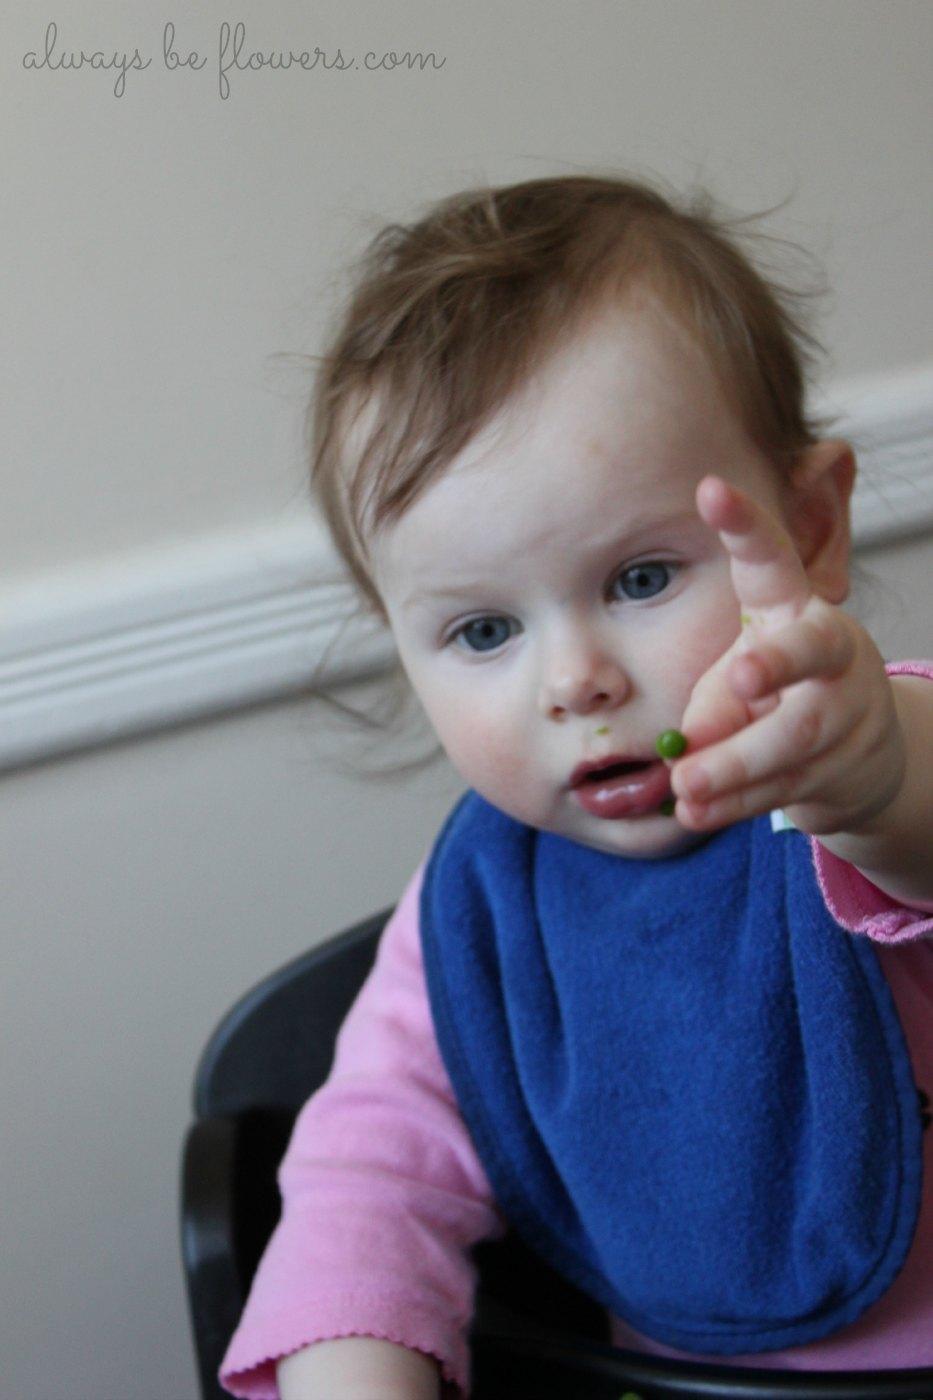 baby-eating-showing-peas.jpg